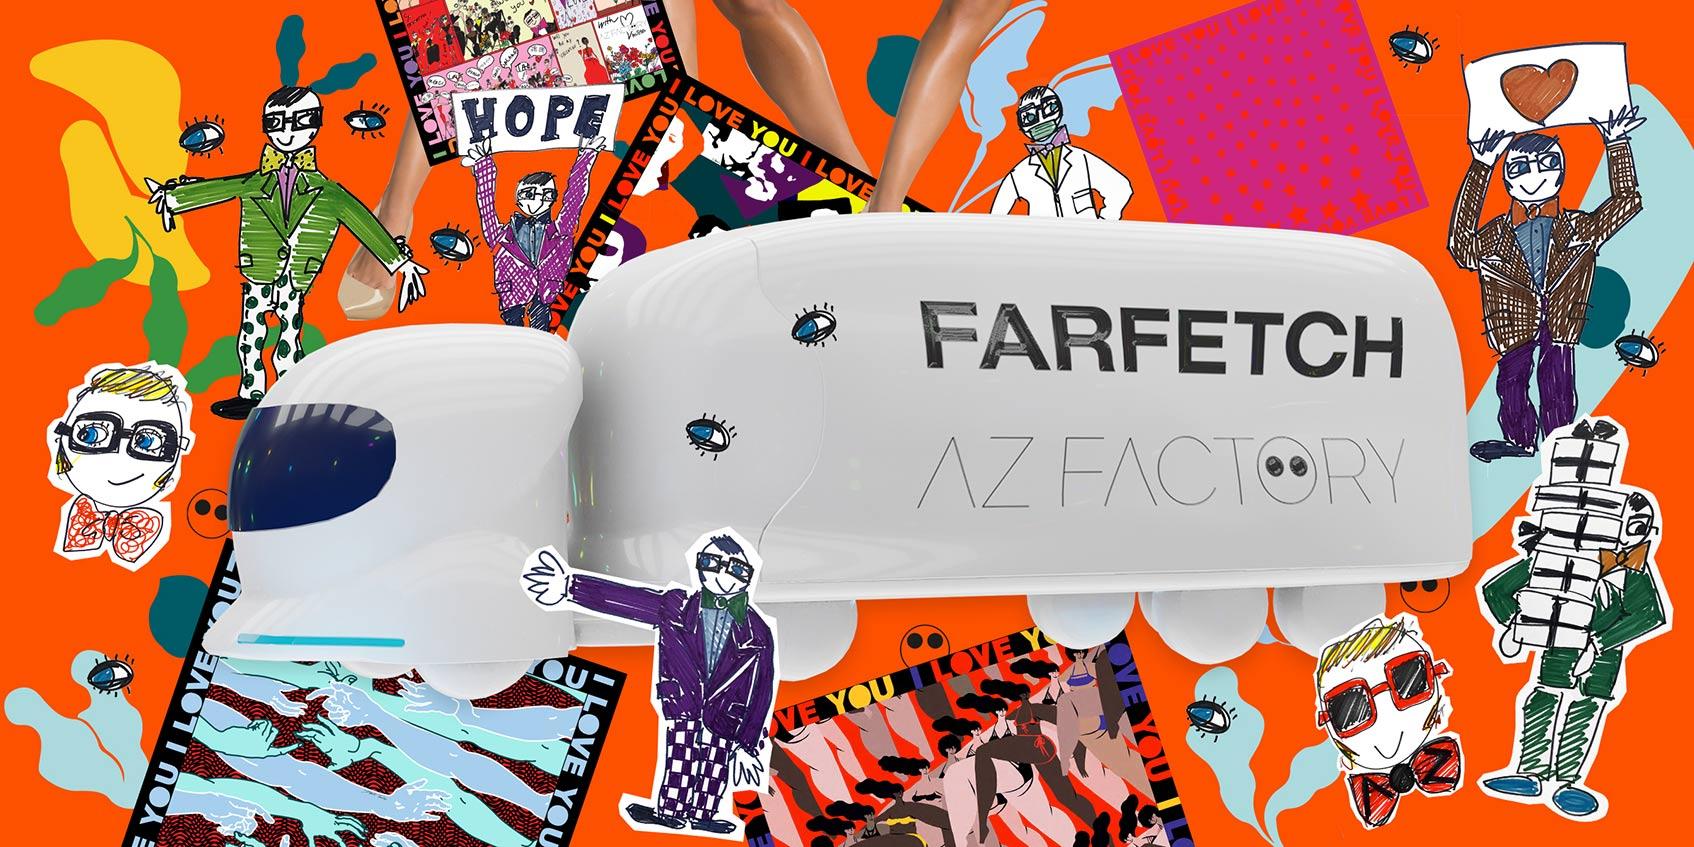 farfetch AZ Factory World Tour